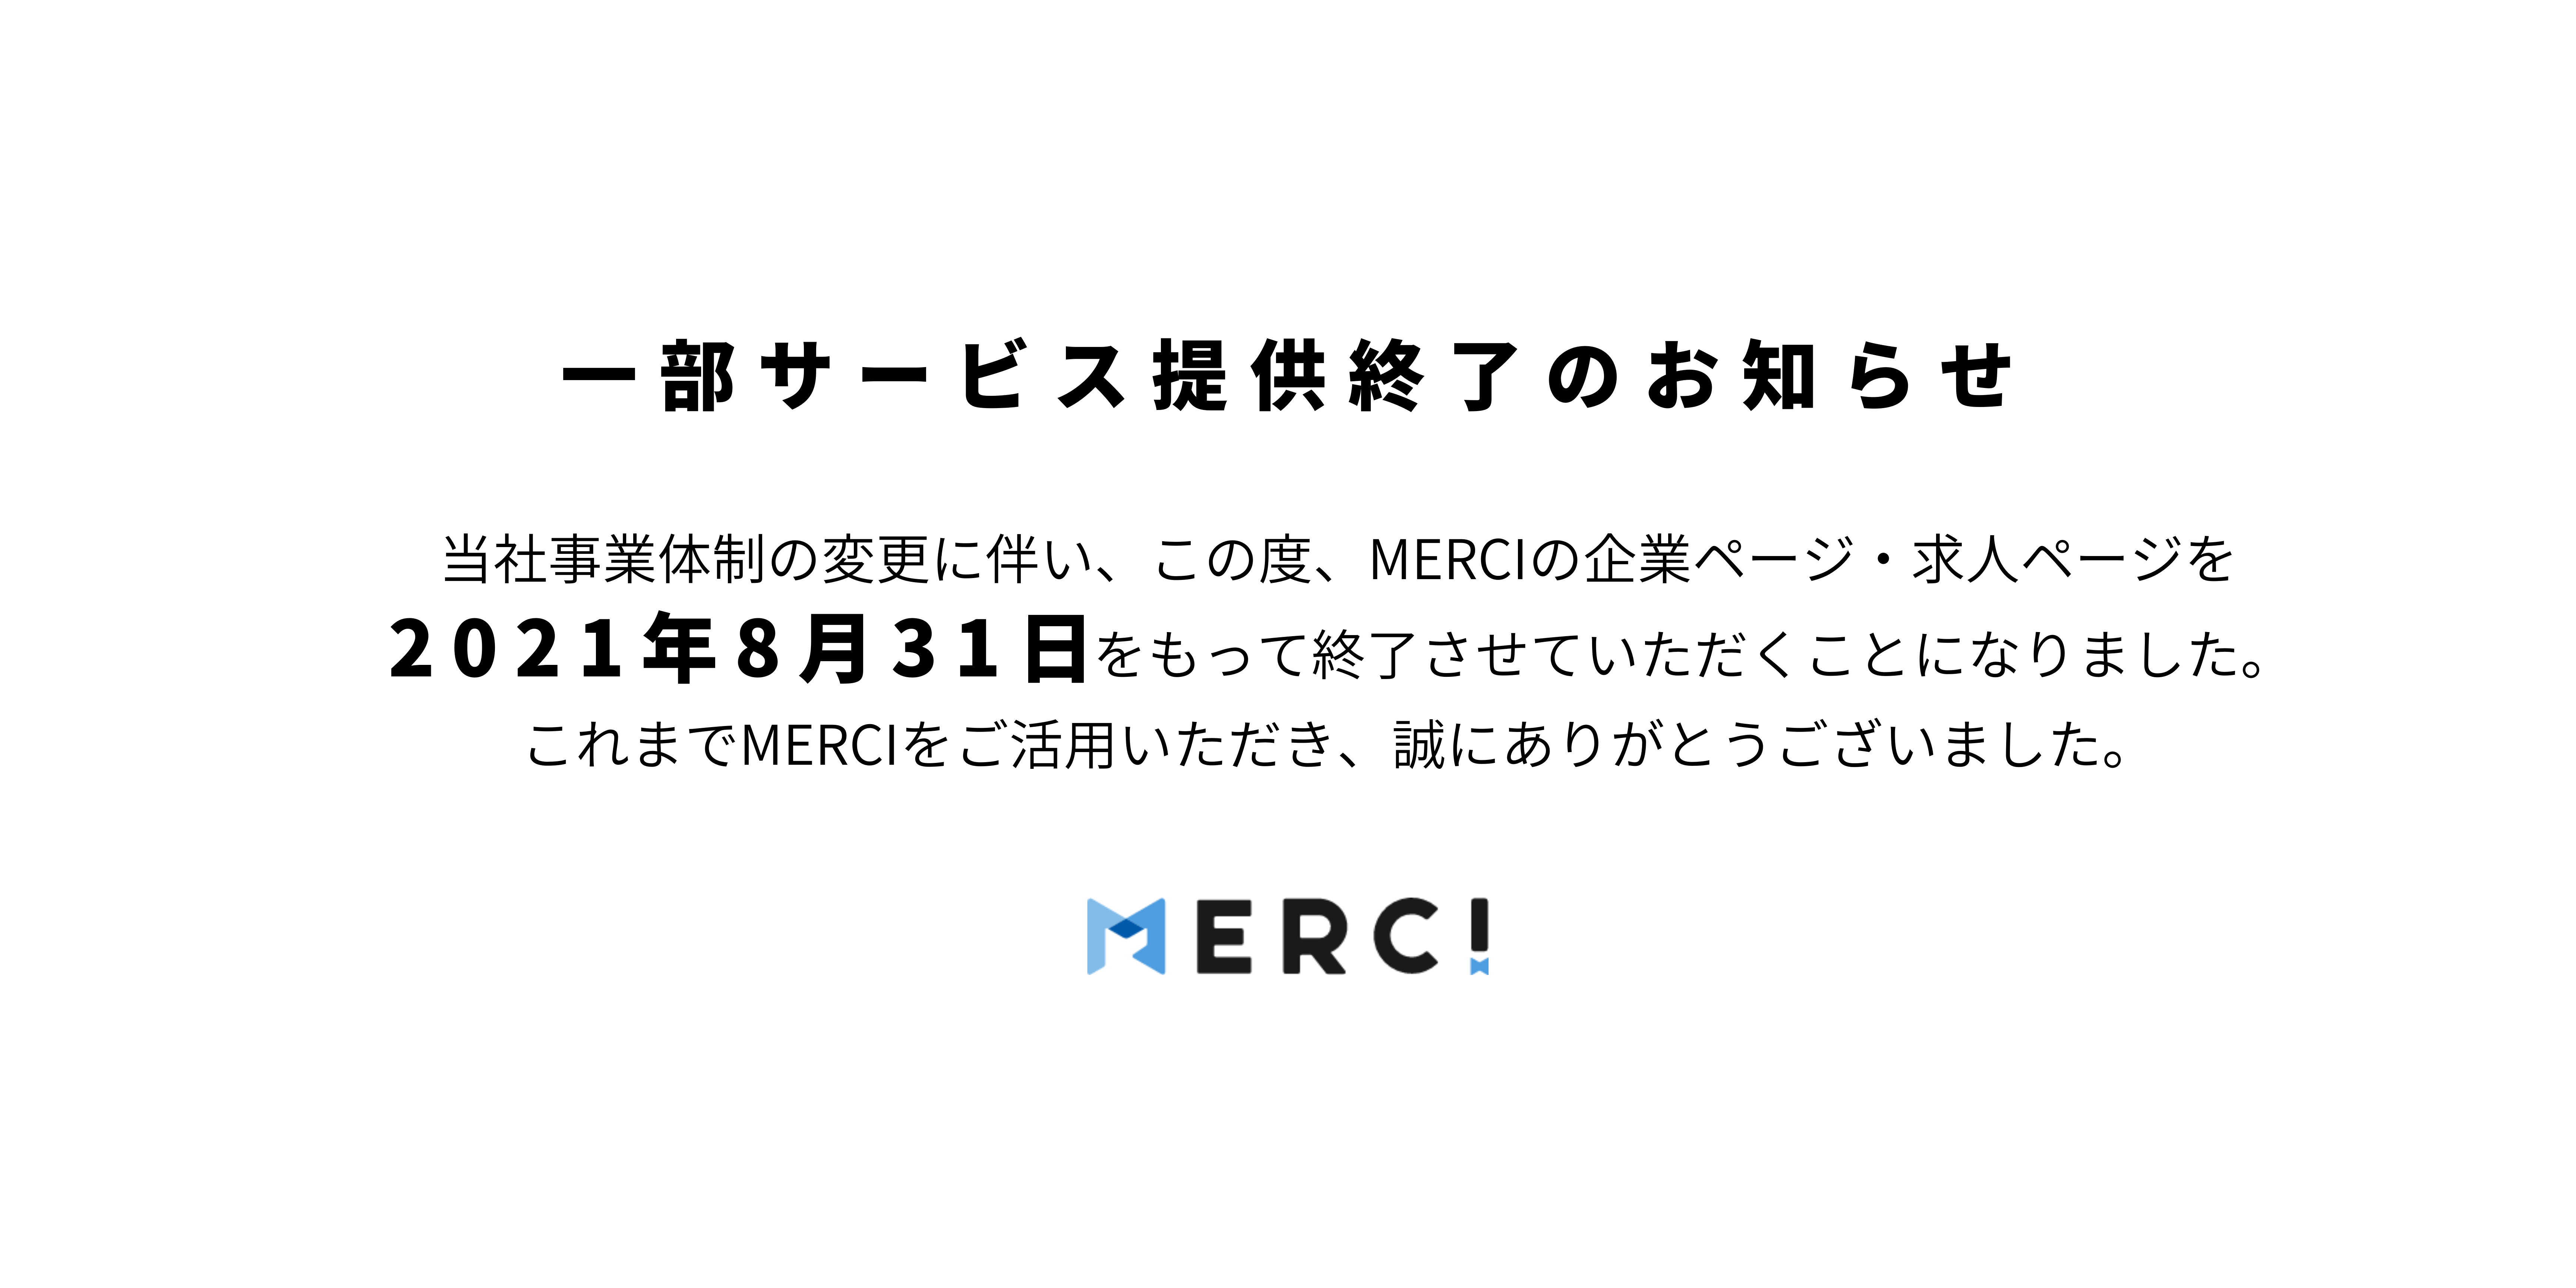 Bnr merci line official 01 pc